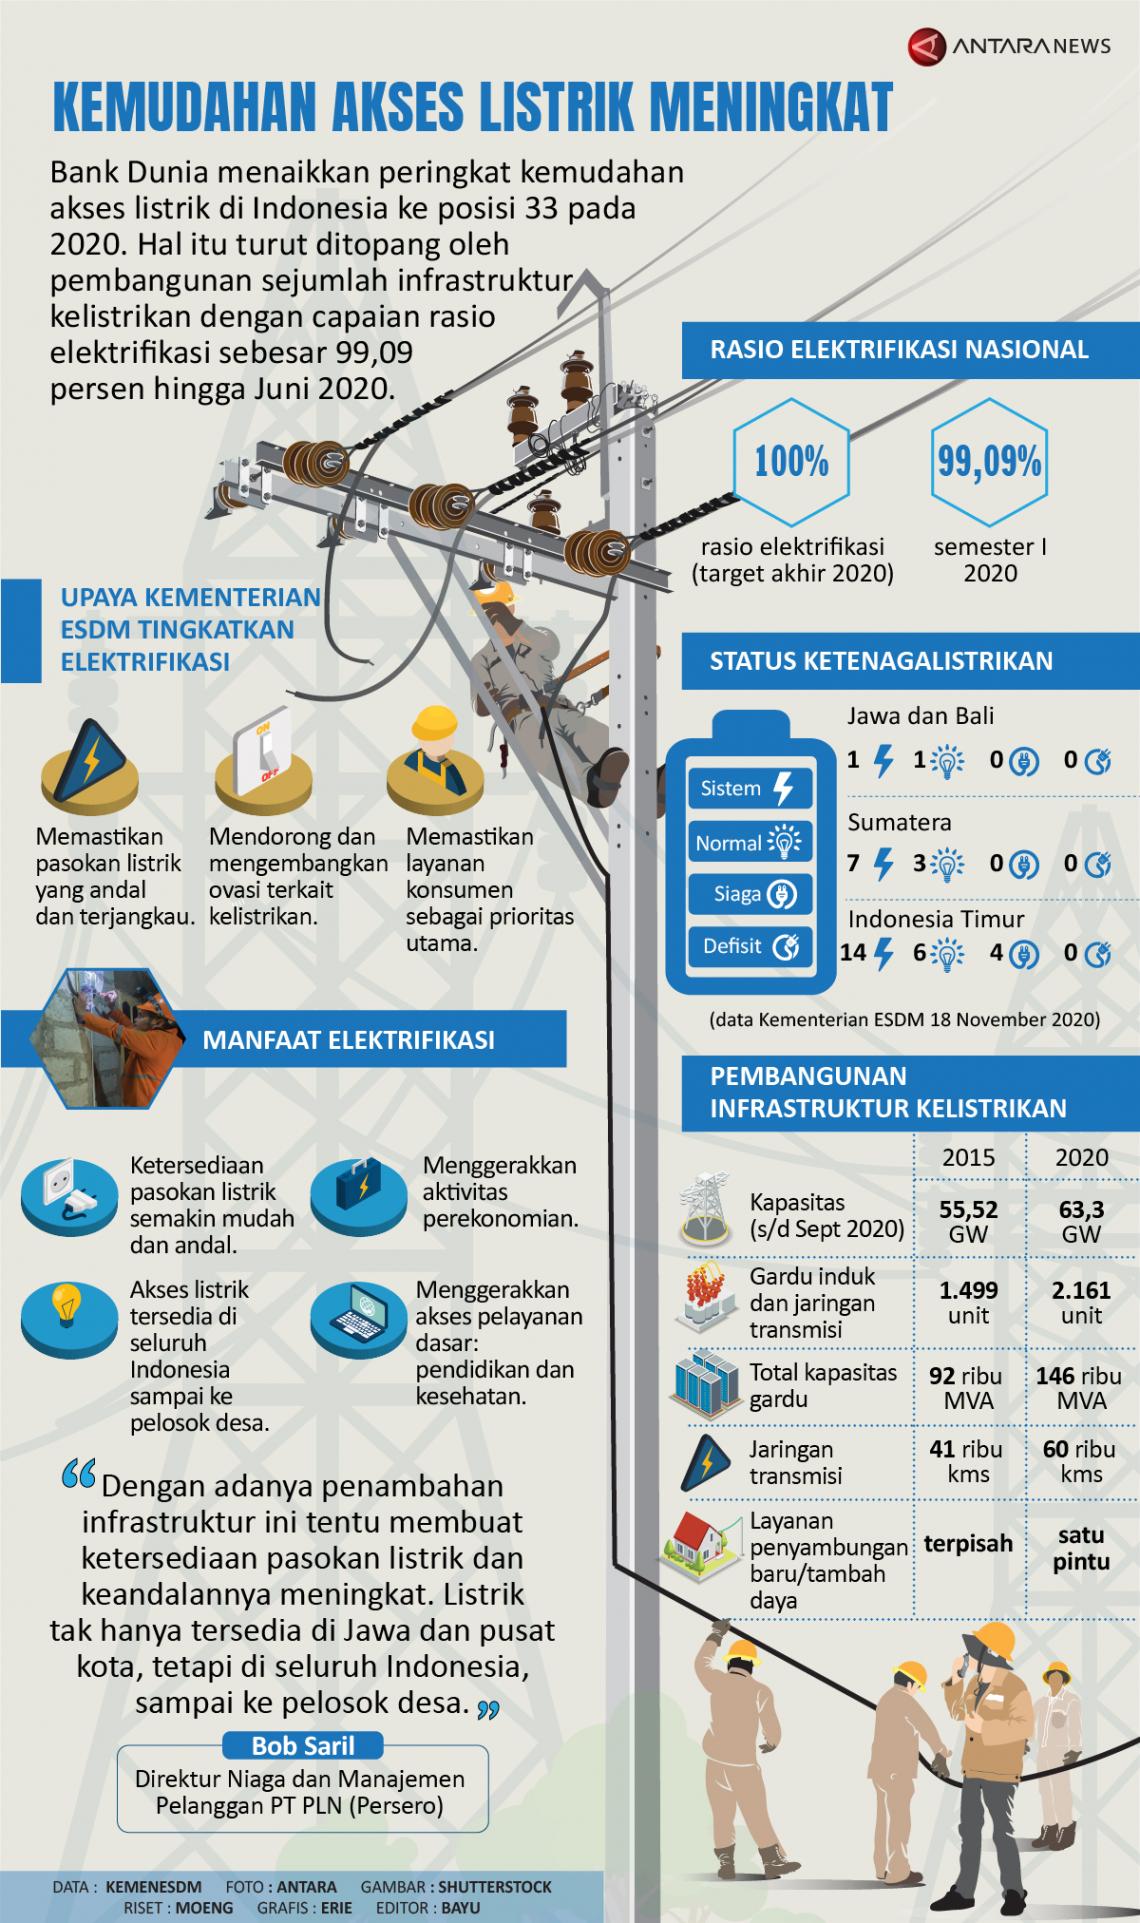 Kemudahan akses listrik meningkat